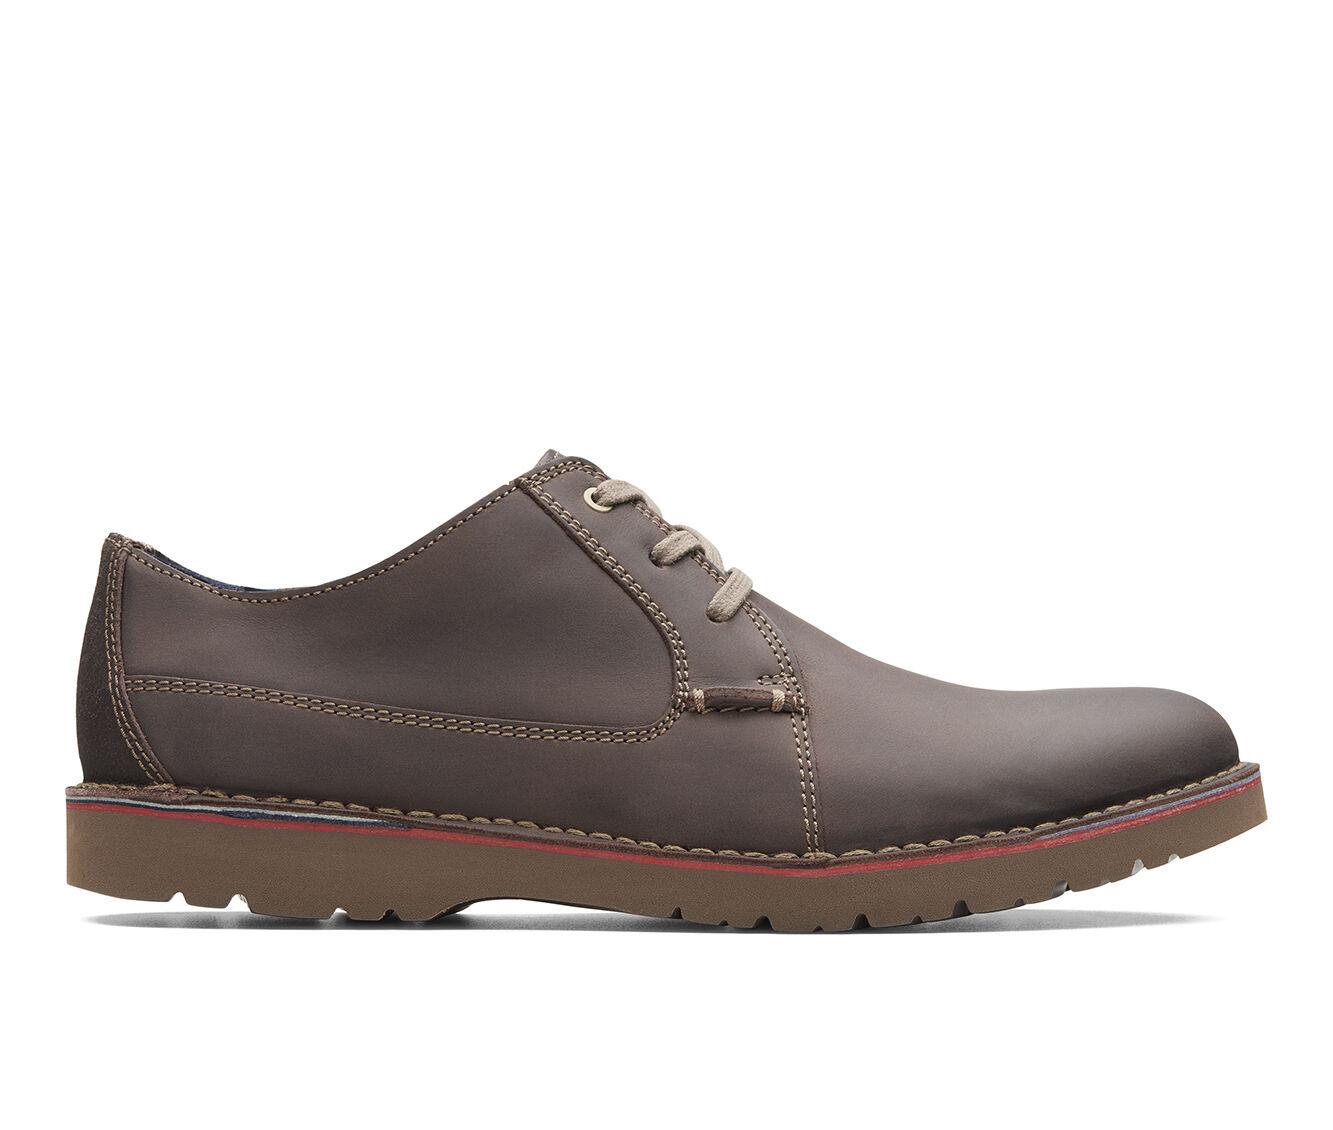 Men's Clarks Vargo Plain Dress Shoes